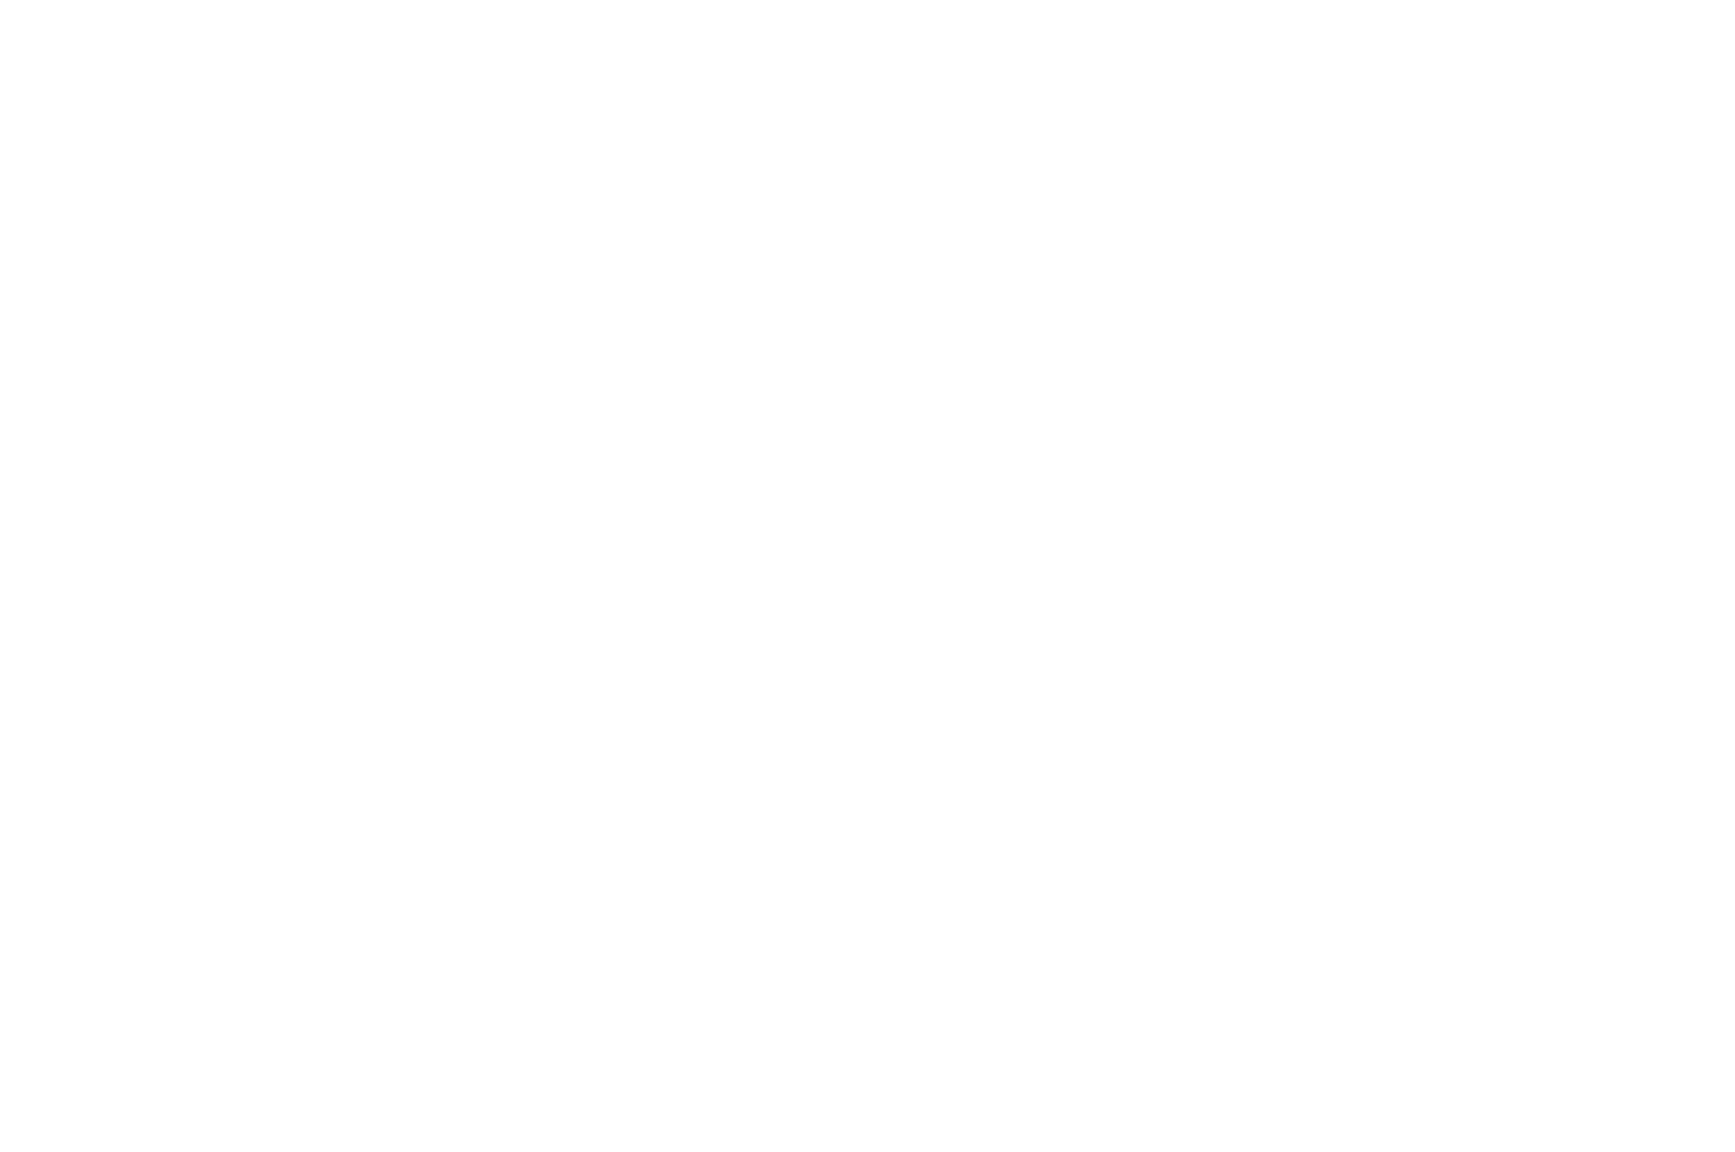 BEST ACTRESS - BUCHAREST SHORTCUT CINEFEST - 2016